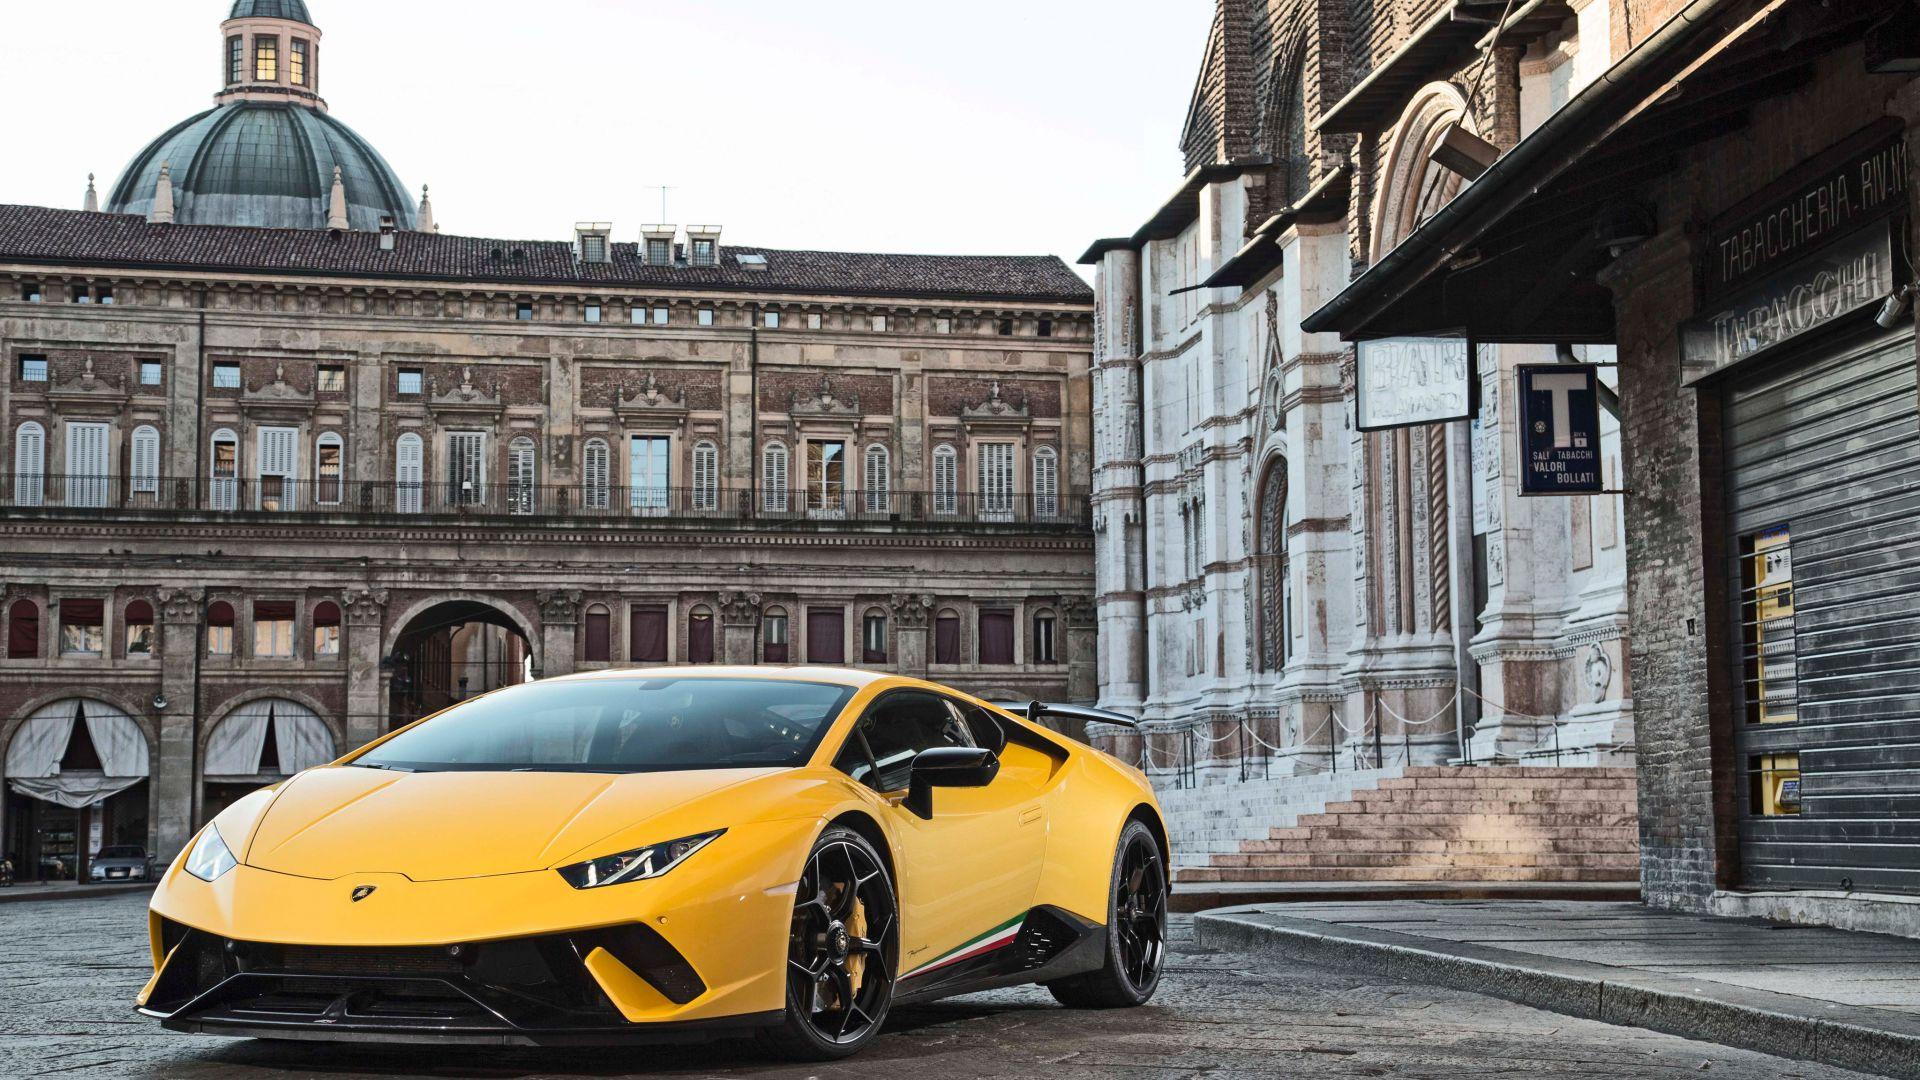 Desktop Wallpaper Lamborghini Huracan Performante Front View